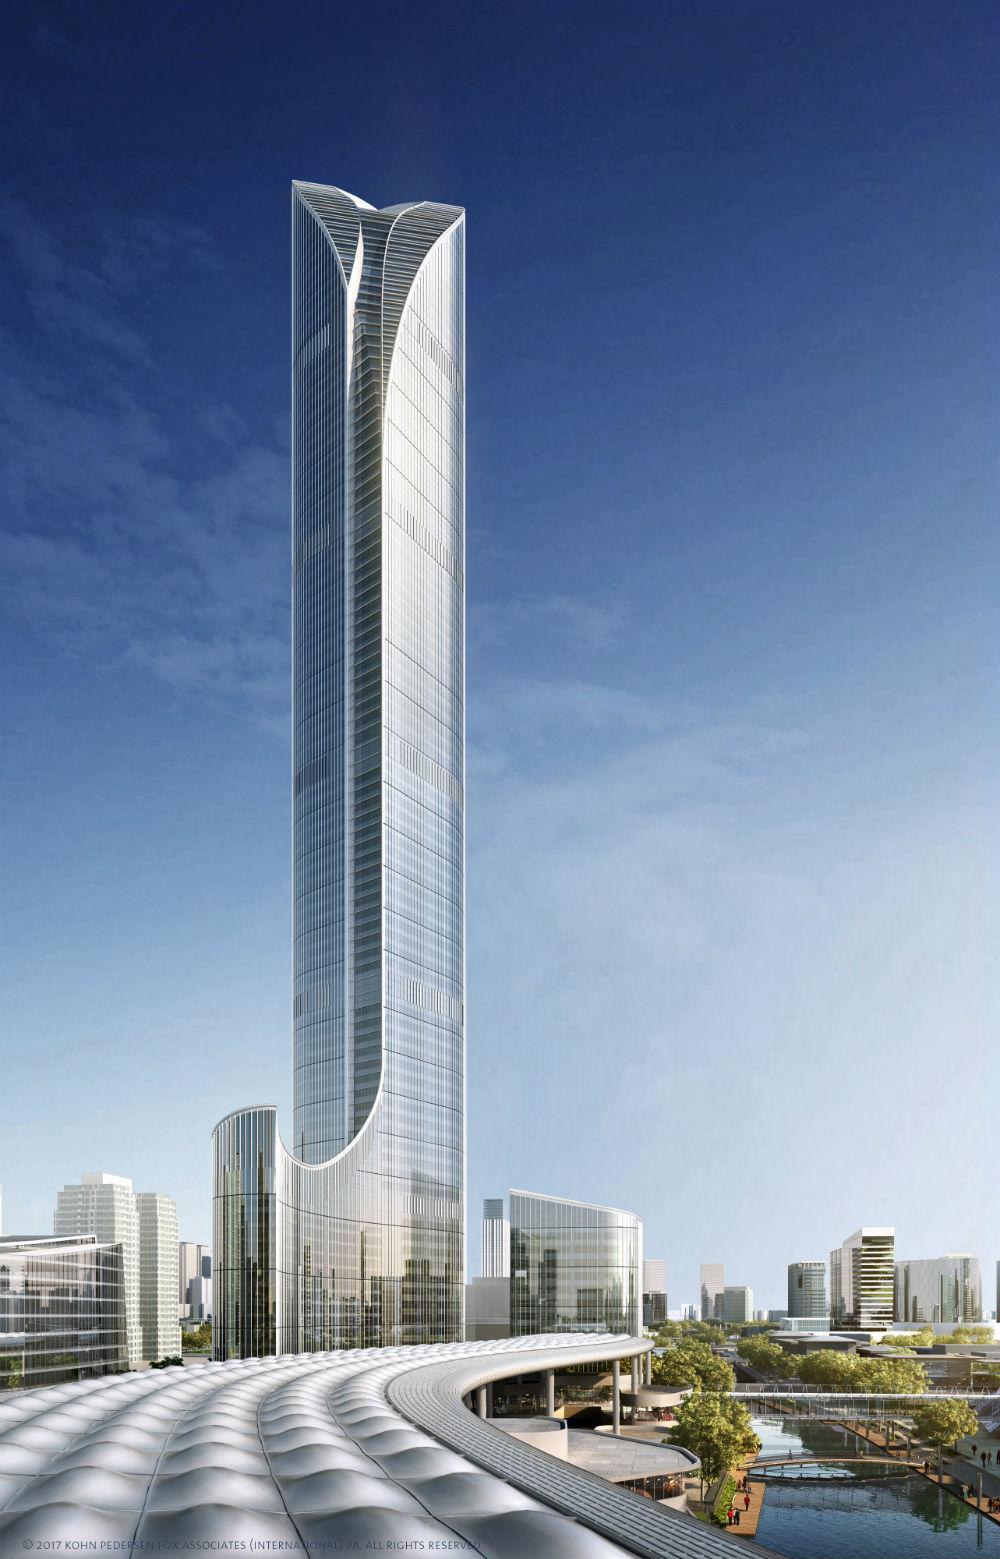 Niccolo Hotels To Open Niccolo Suzhou in 2020